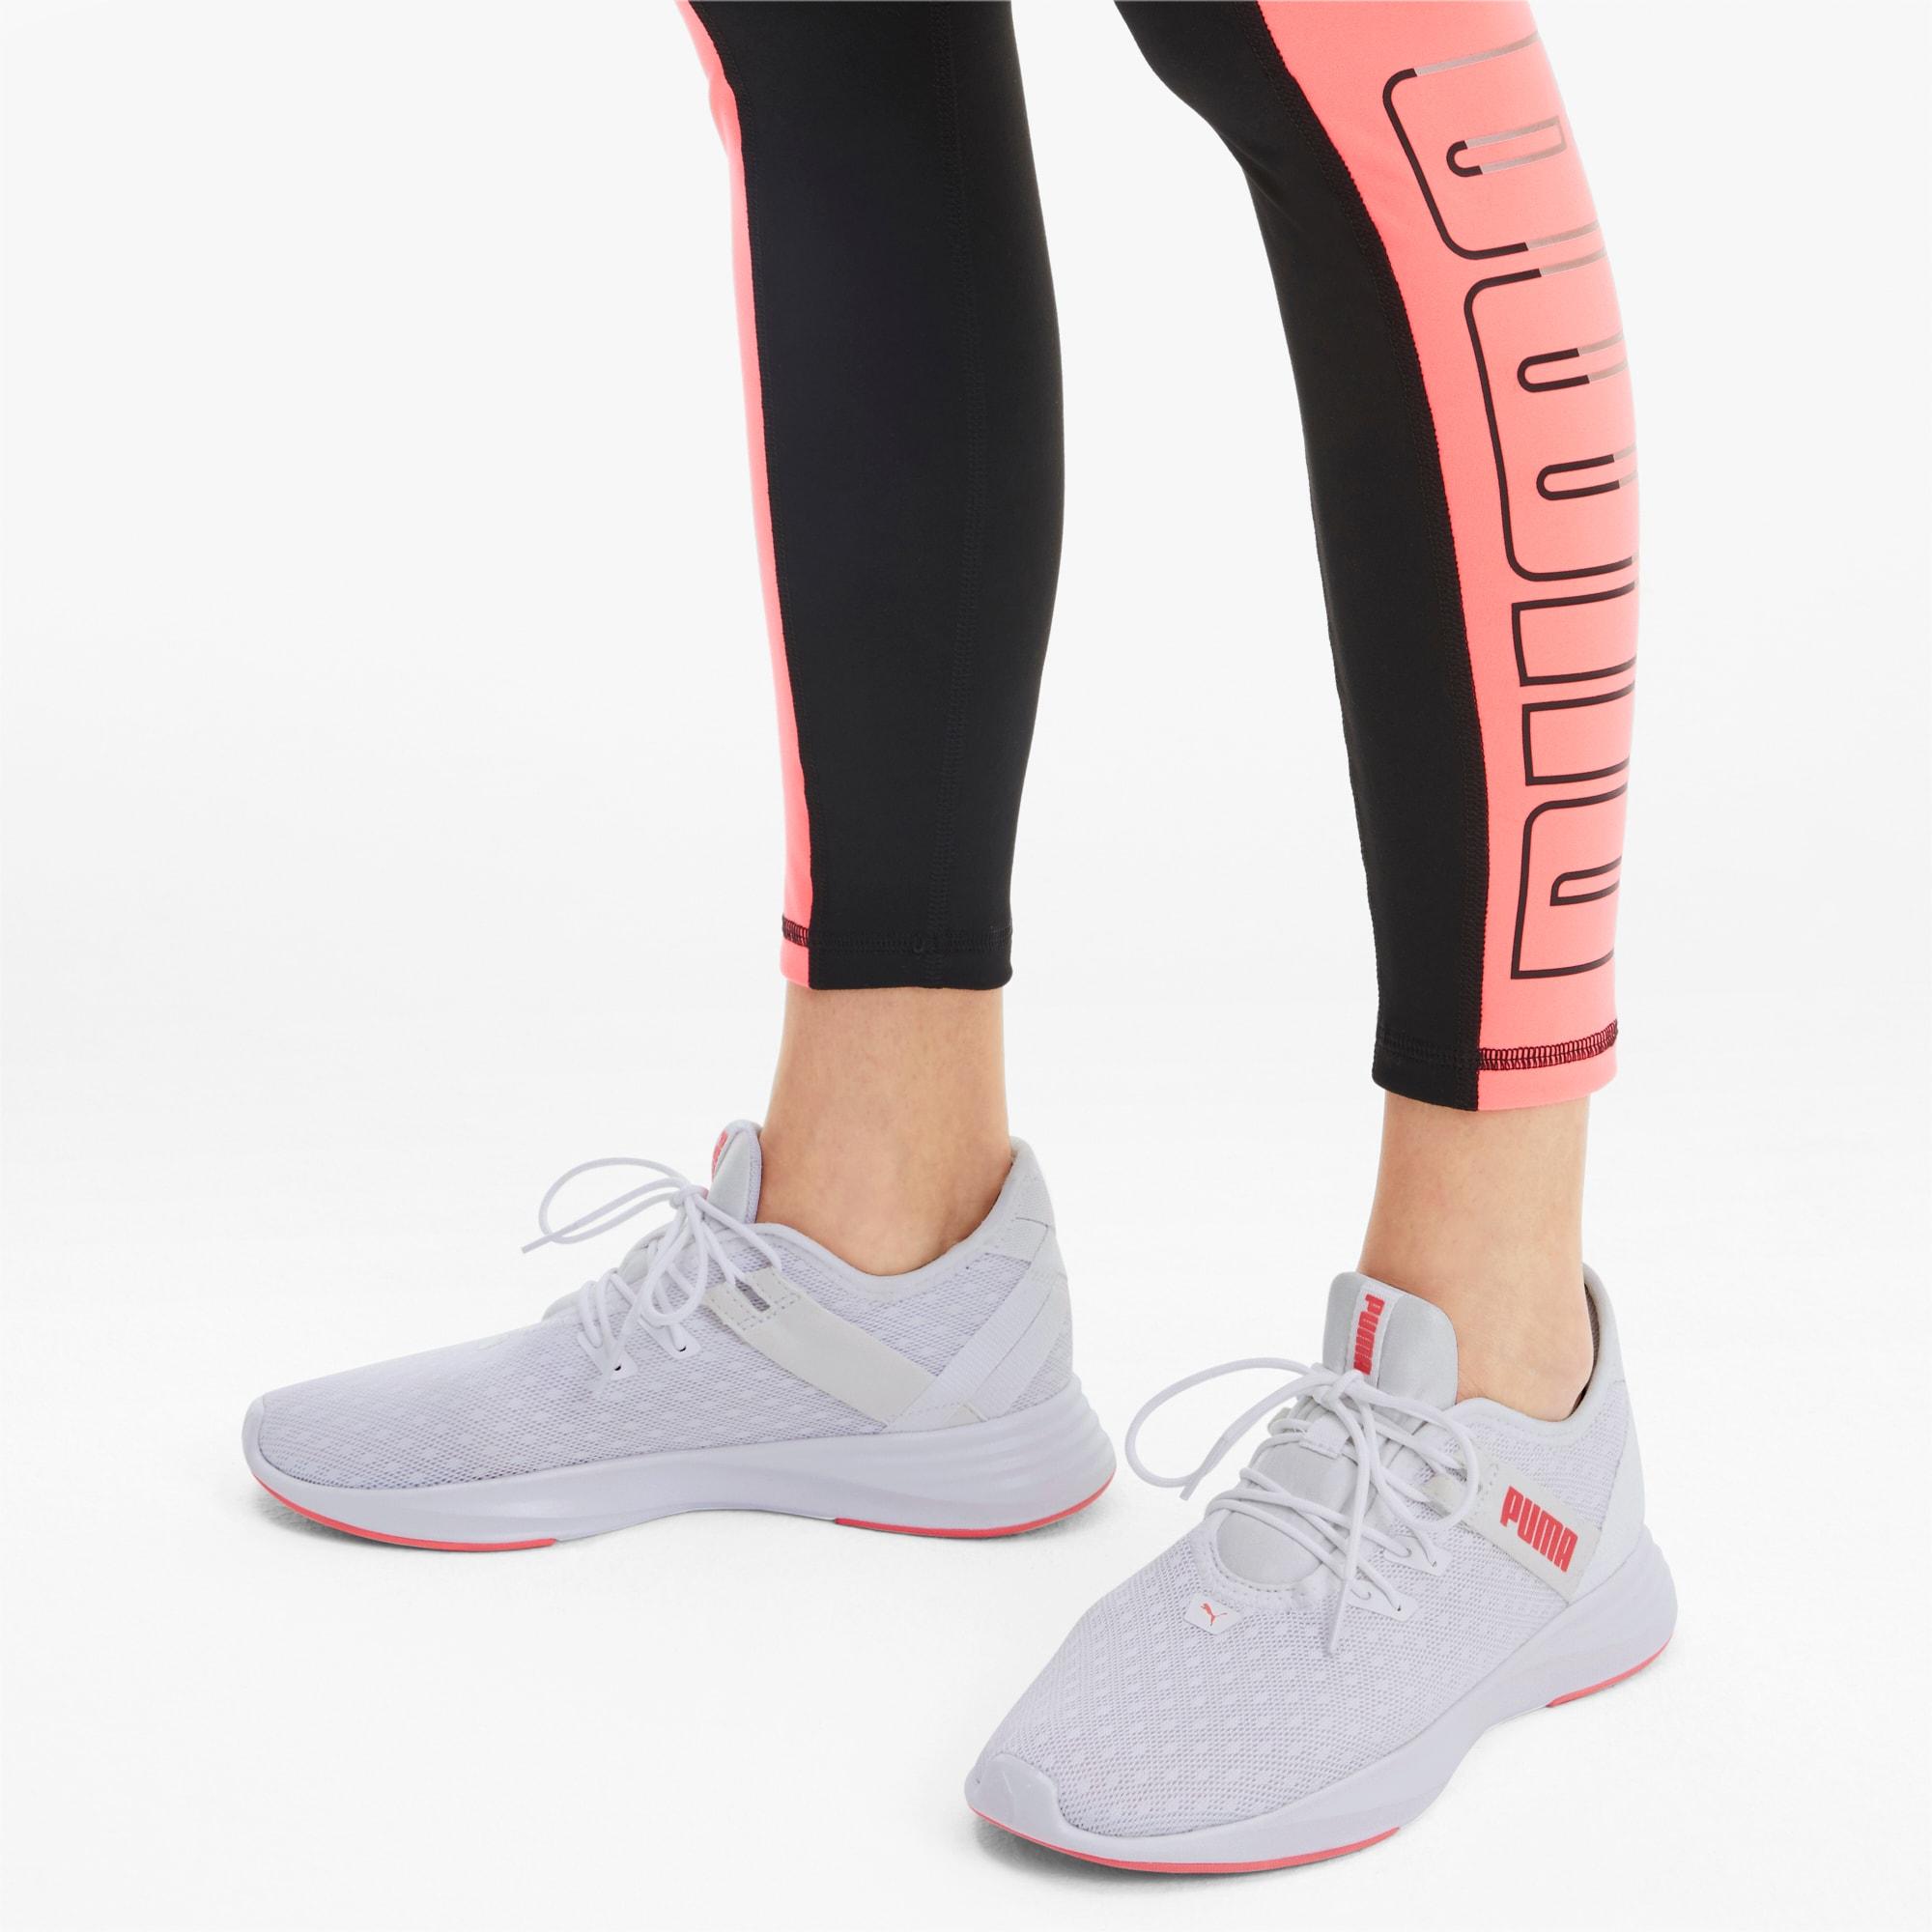 Radiate XT Pattern Women's Training Shoes